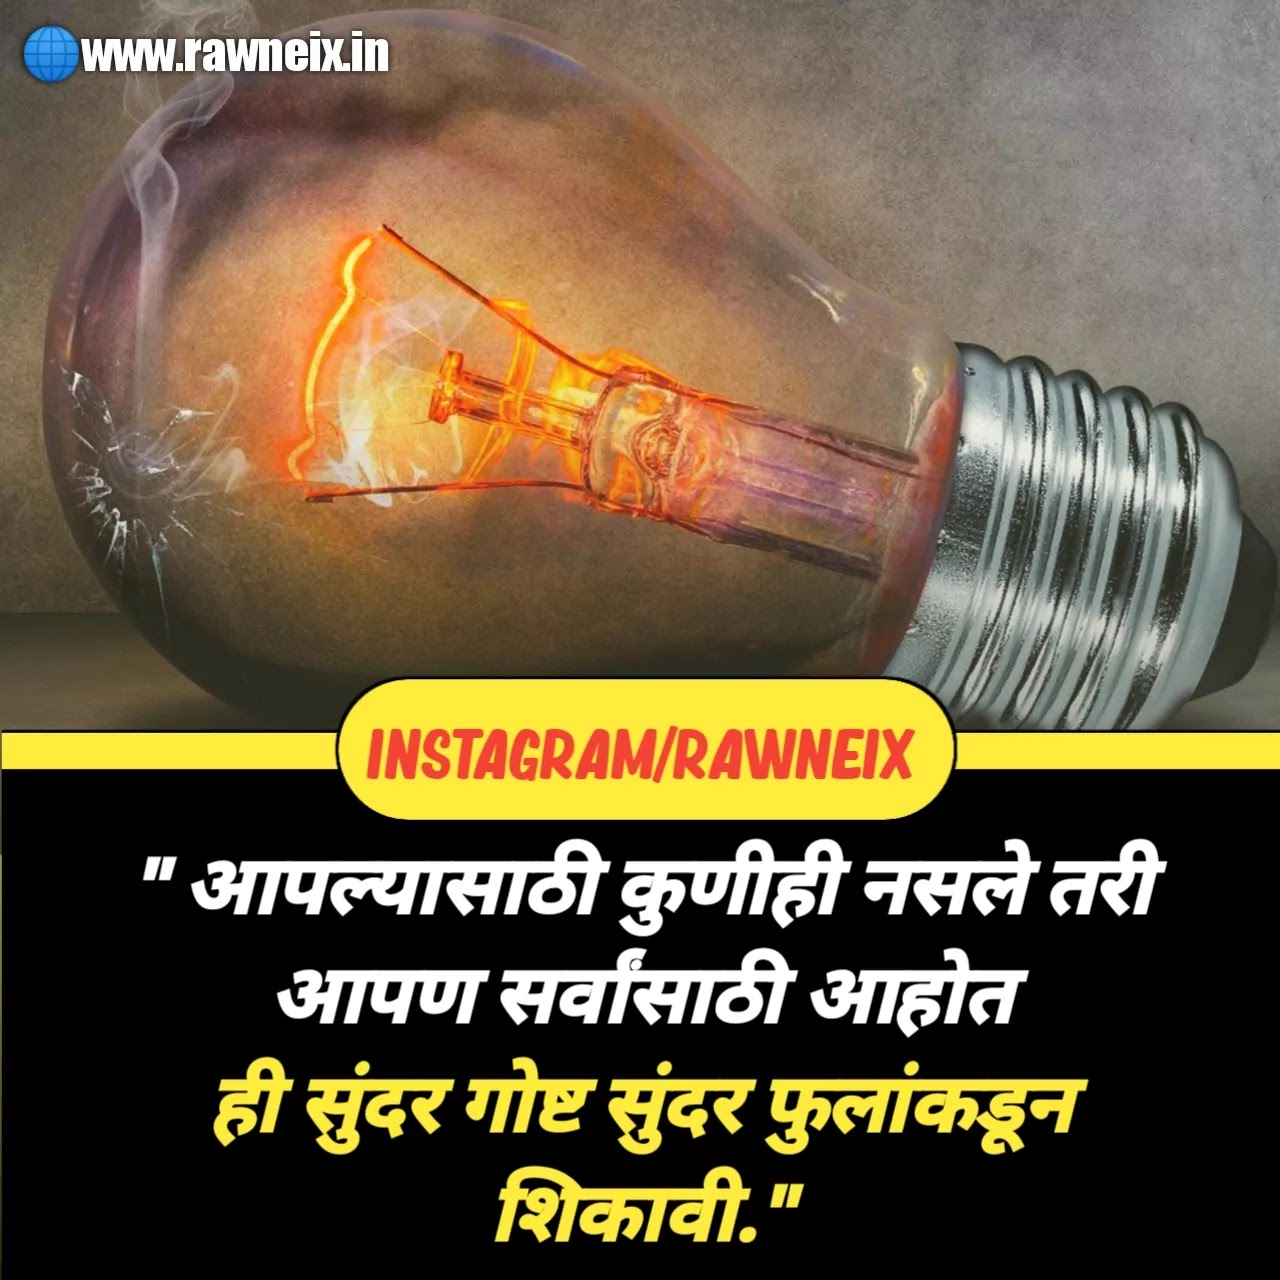 Motivational Quotes in Marathi for Students | विद्यार्थ्यांसाठी मराठीमध्ये प्रेरणादायक सुविचार